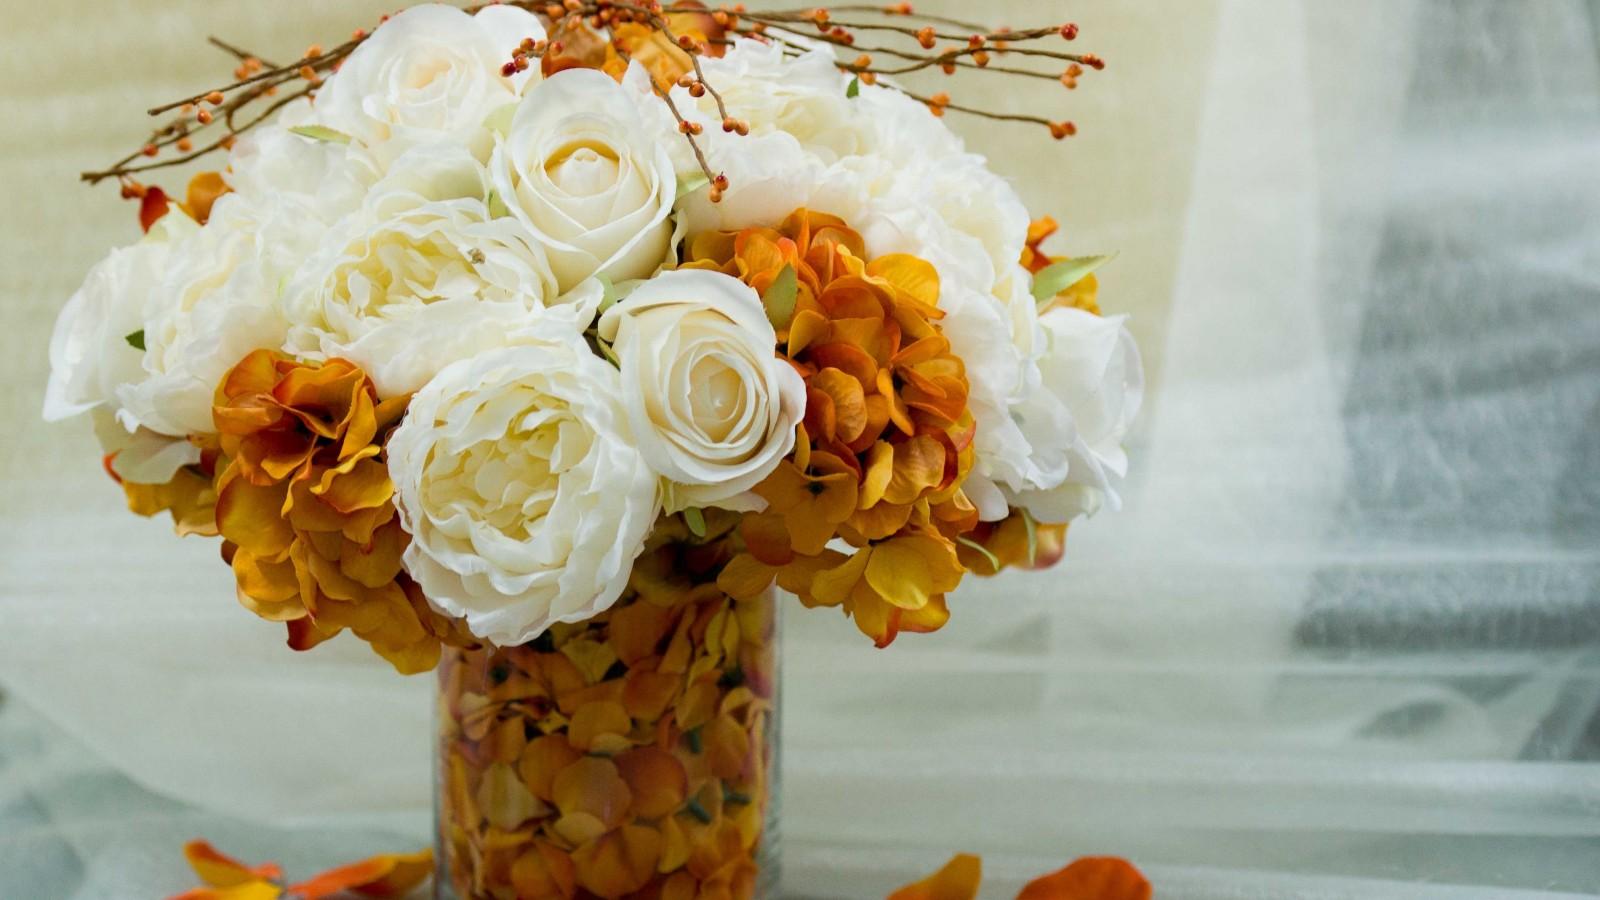 Обои для рабочего стола осенние цветы   скачать бесплатно (21)